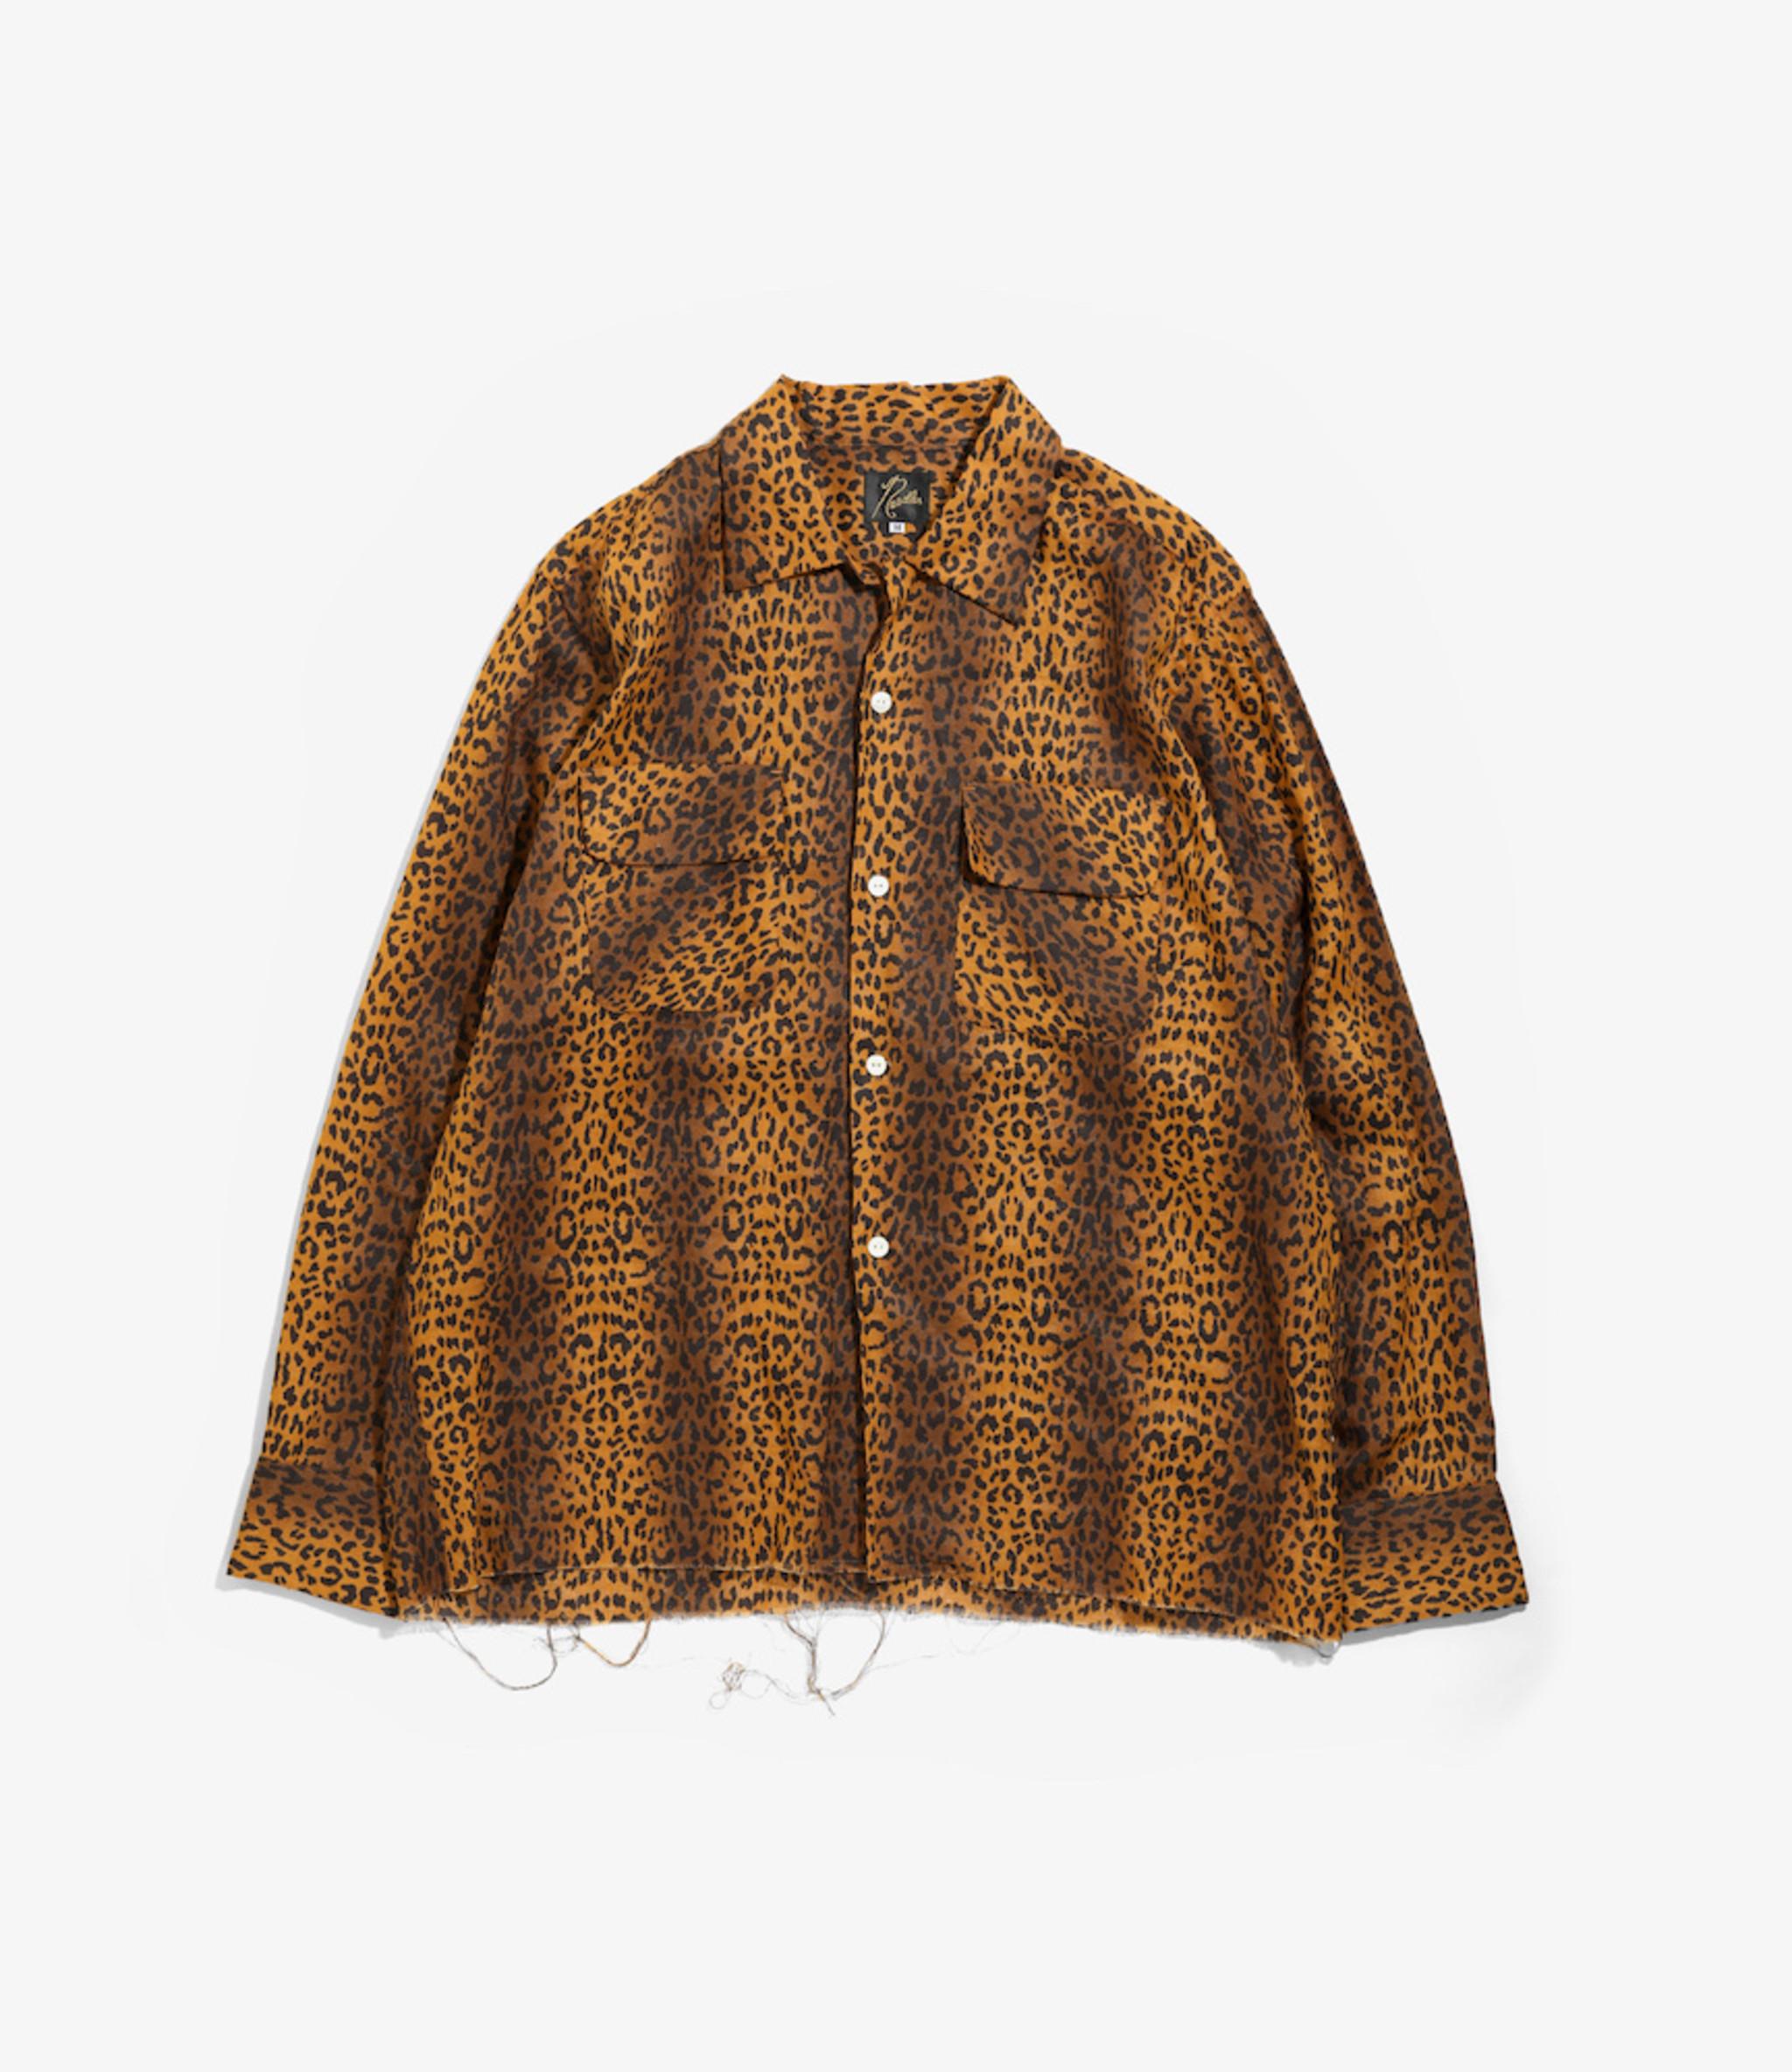 Needles Cut-Off Bottom Classic Shirt - Linen Cloth / Leopard Print - Brown